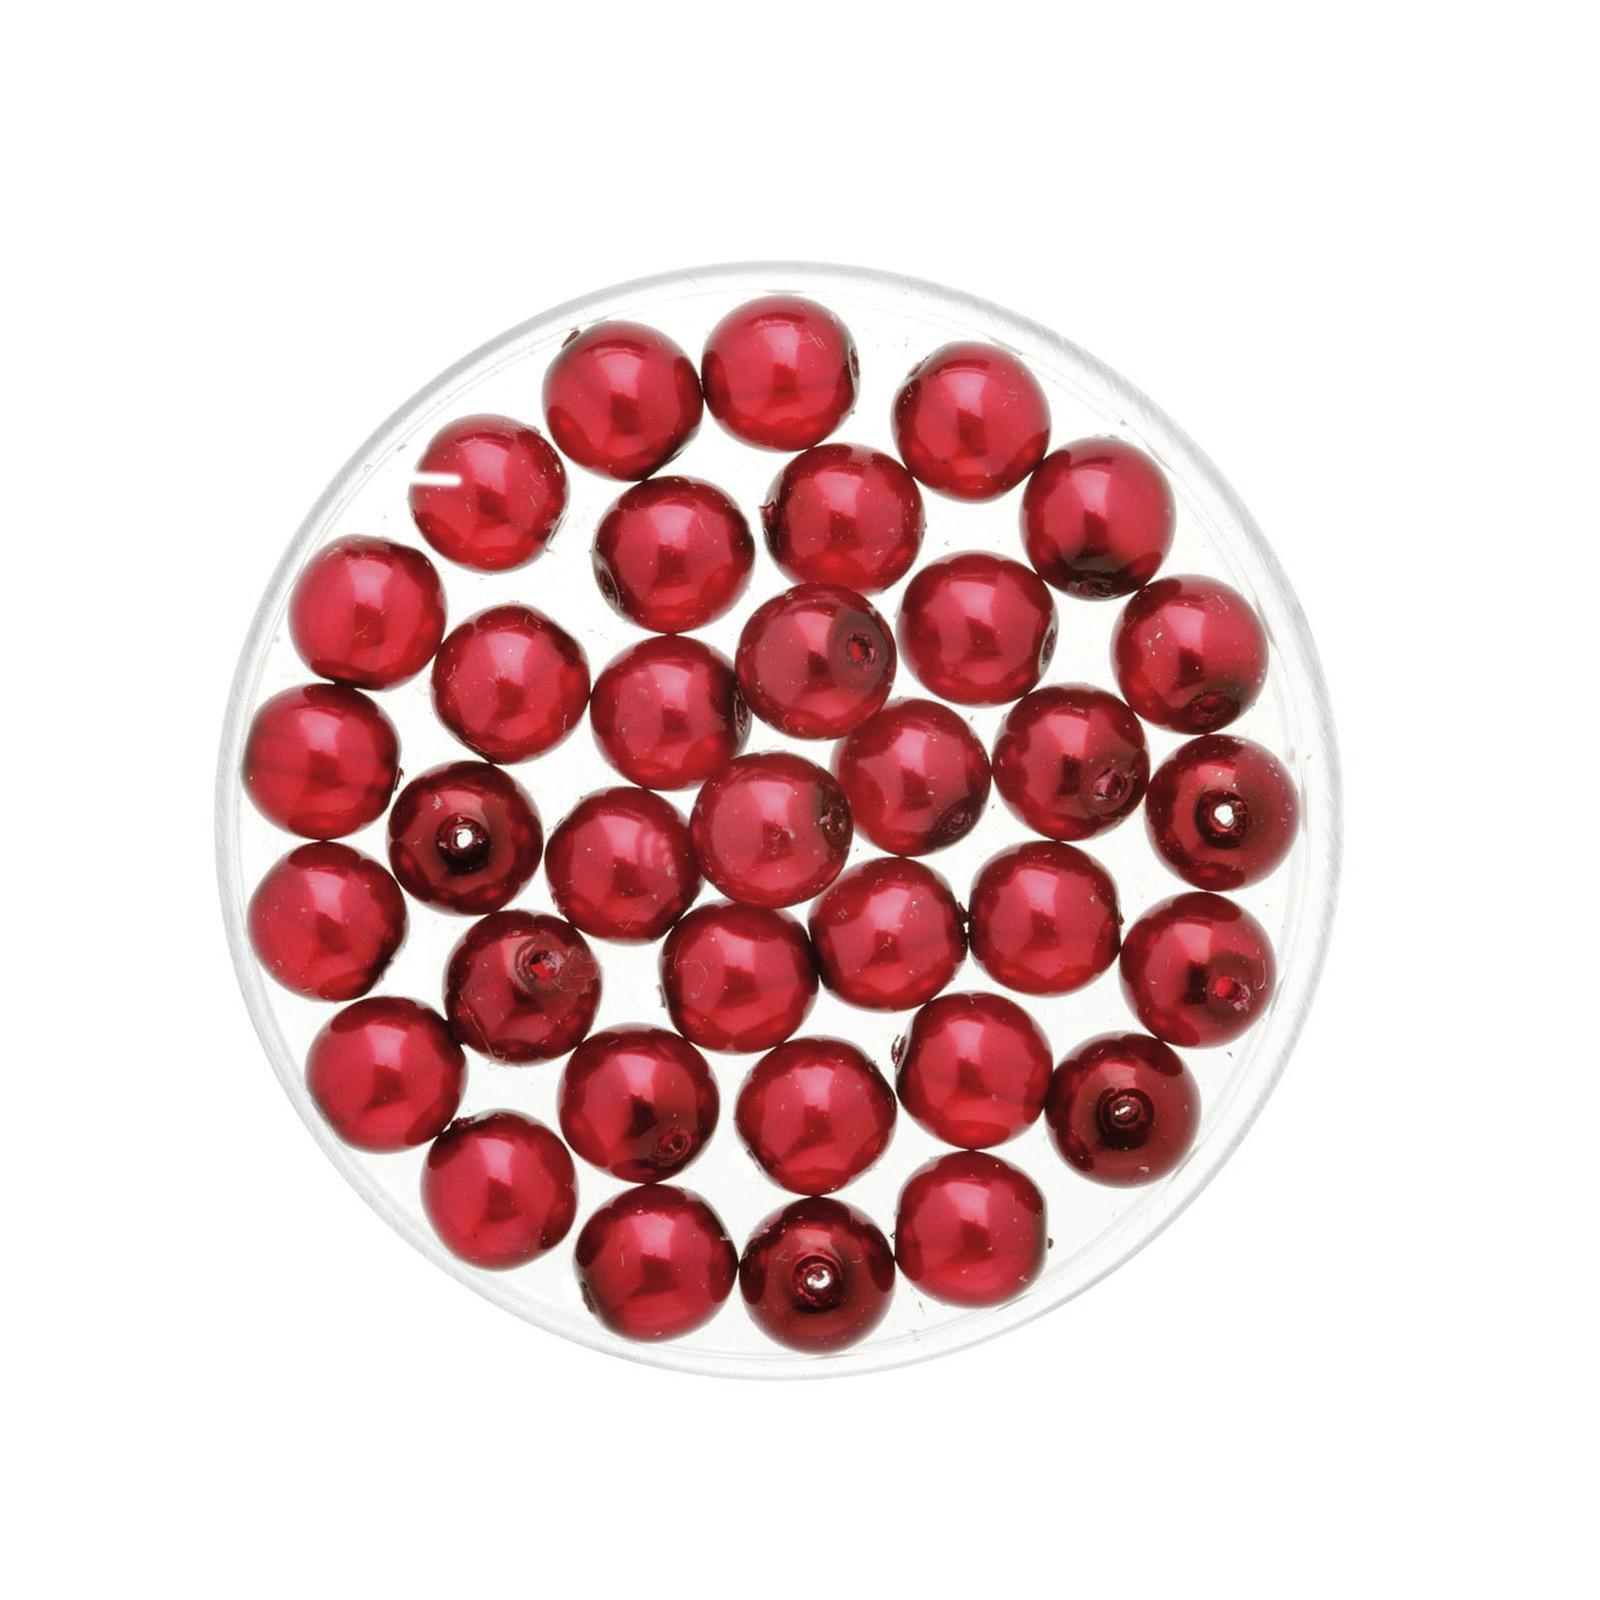 50x stuks sieraden maken Boheemse glaskralen in het transparant bordeaux rood van 6 mm